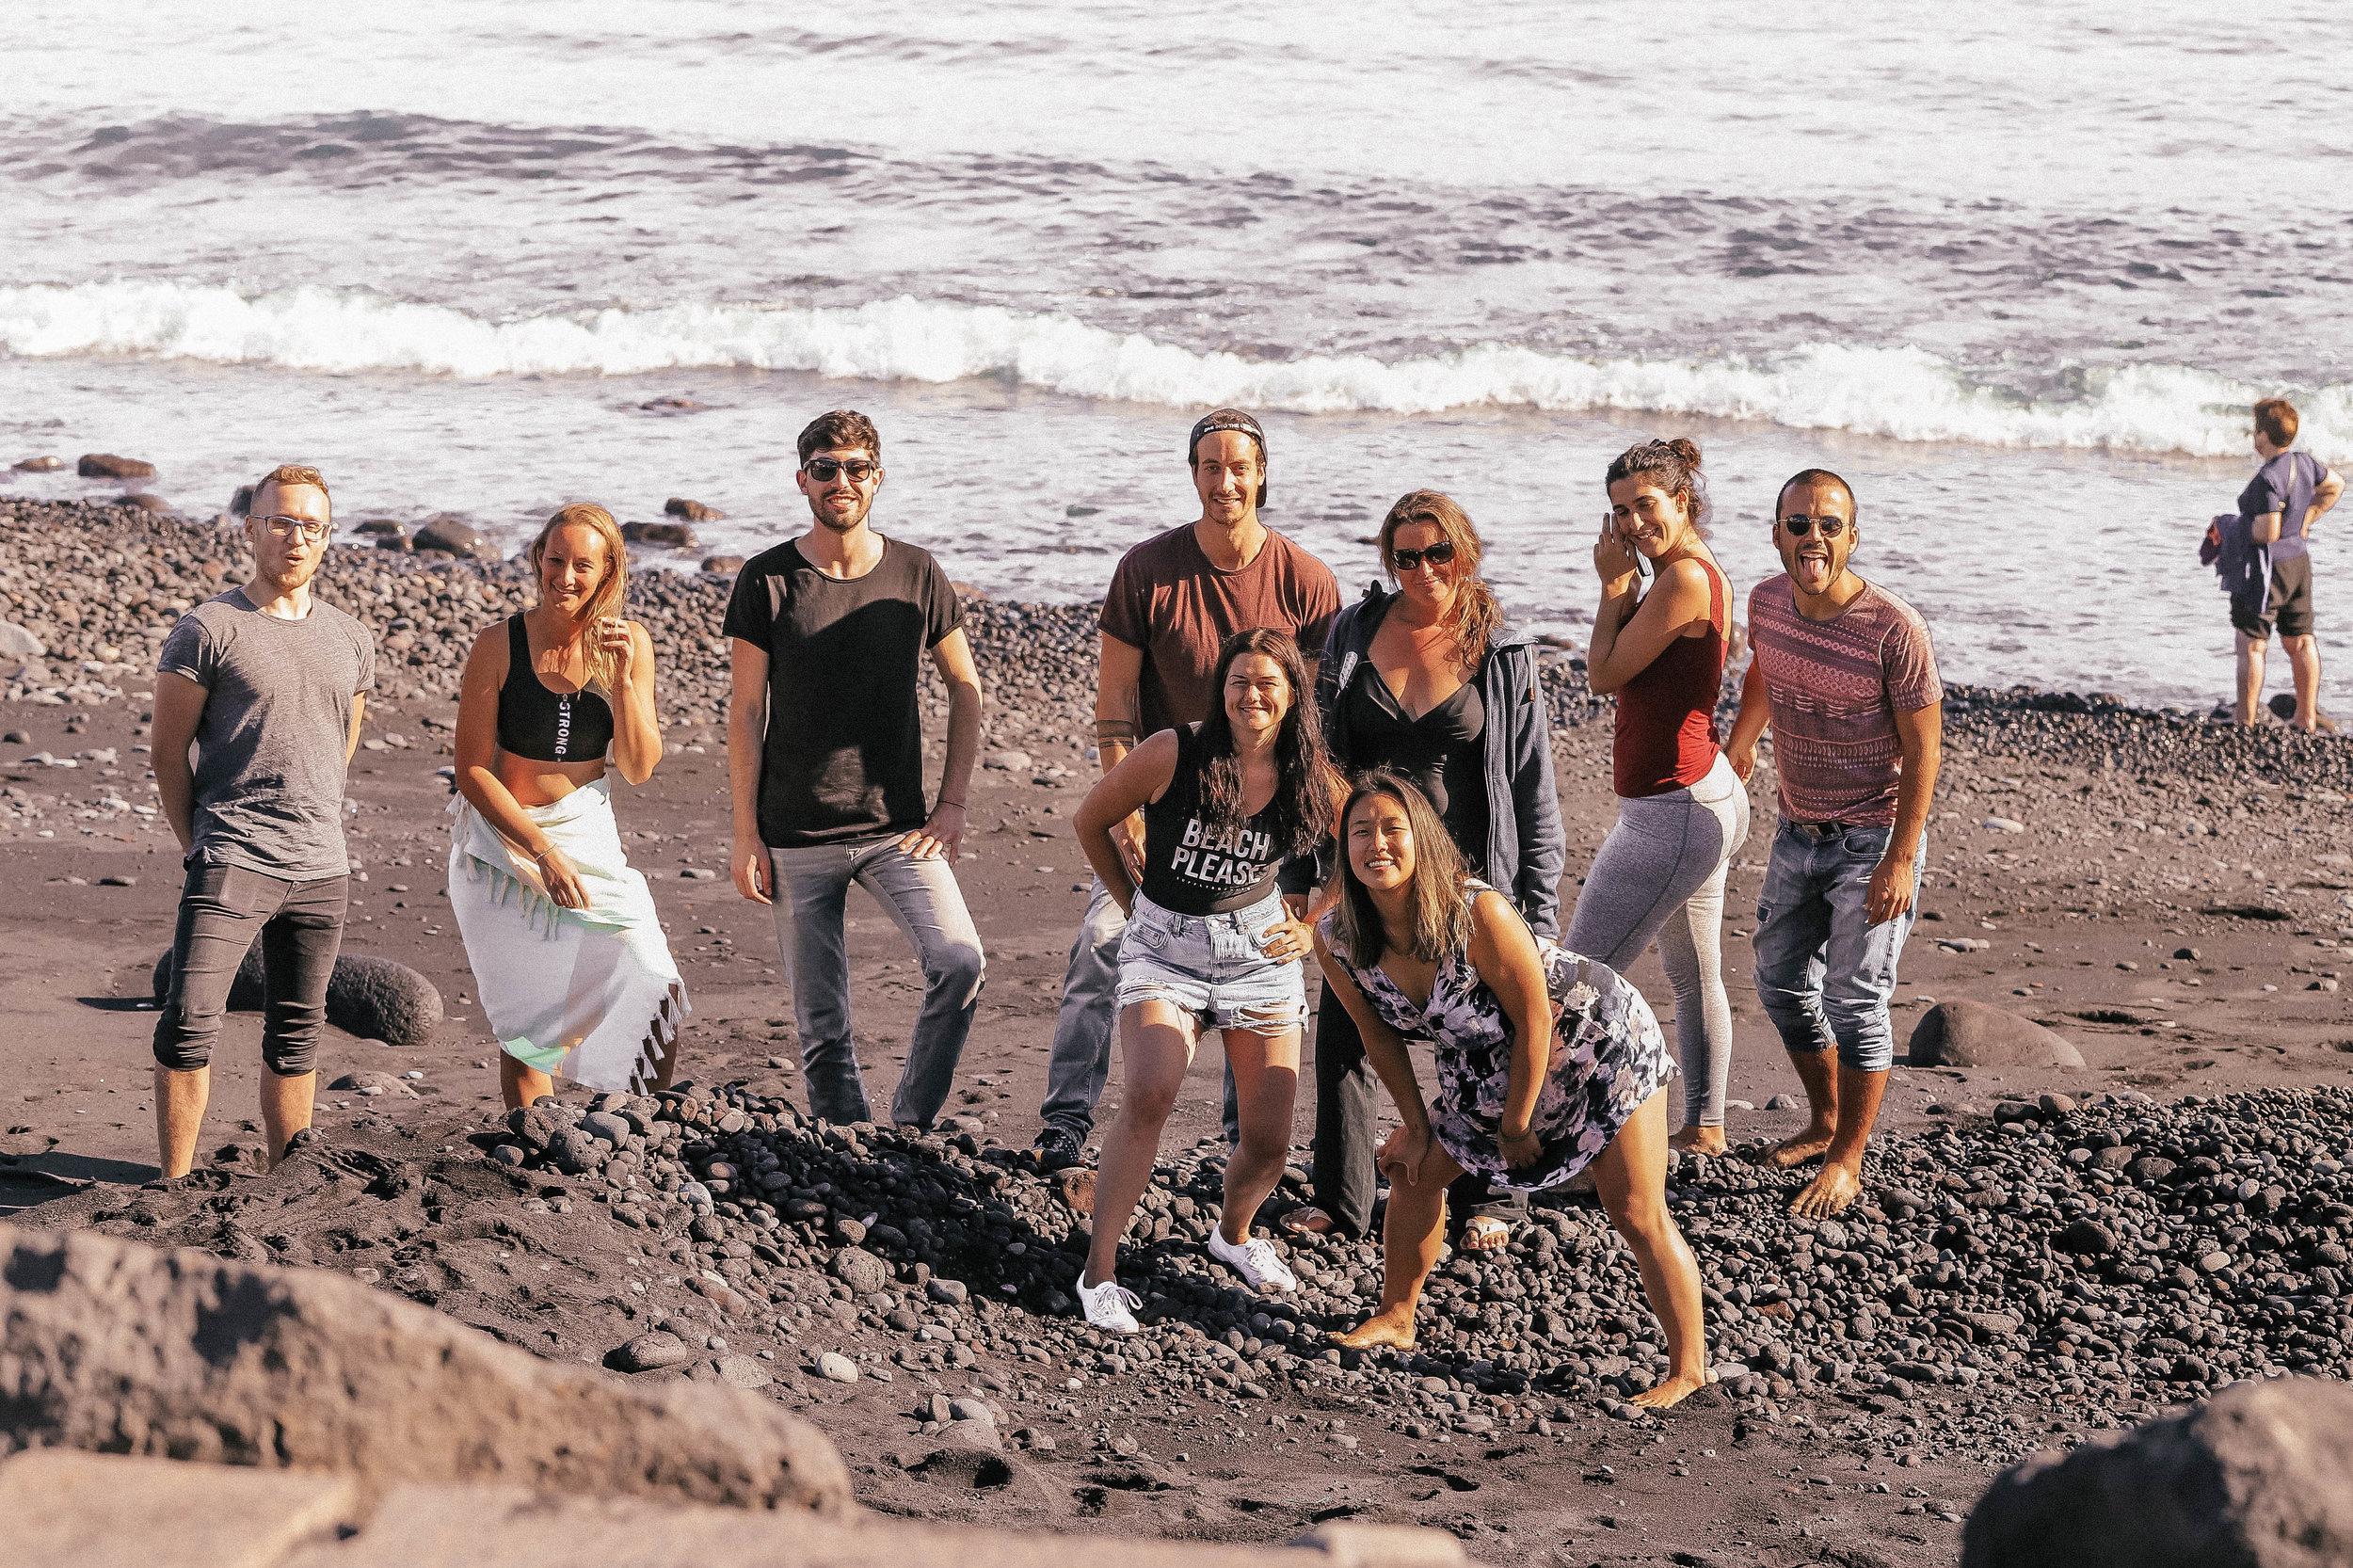 beach-people-nine (1 of 1).jpg